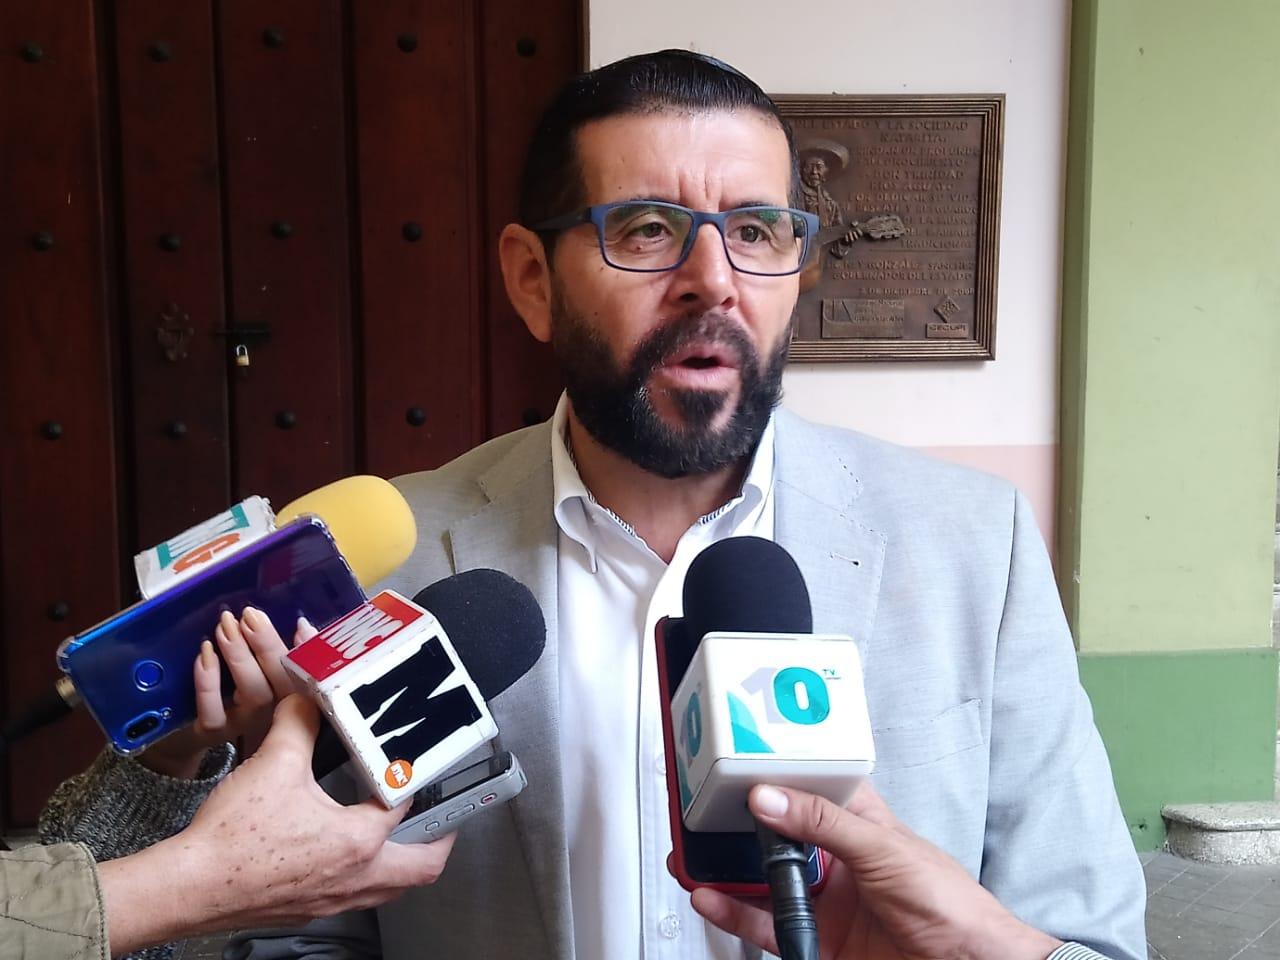 Arturo Javier Robles González